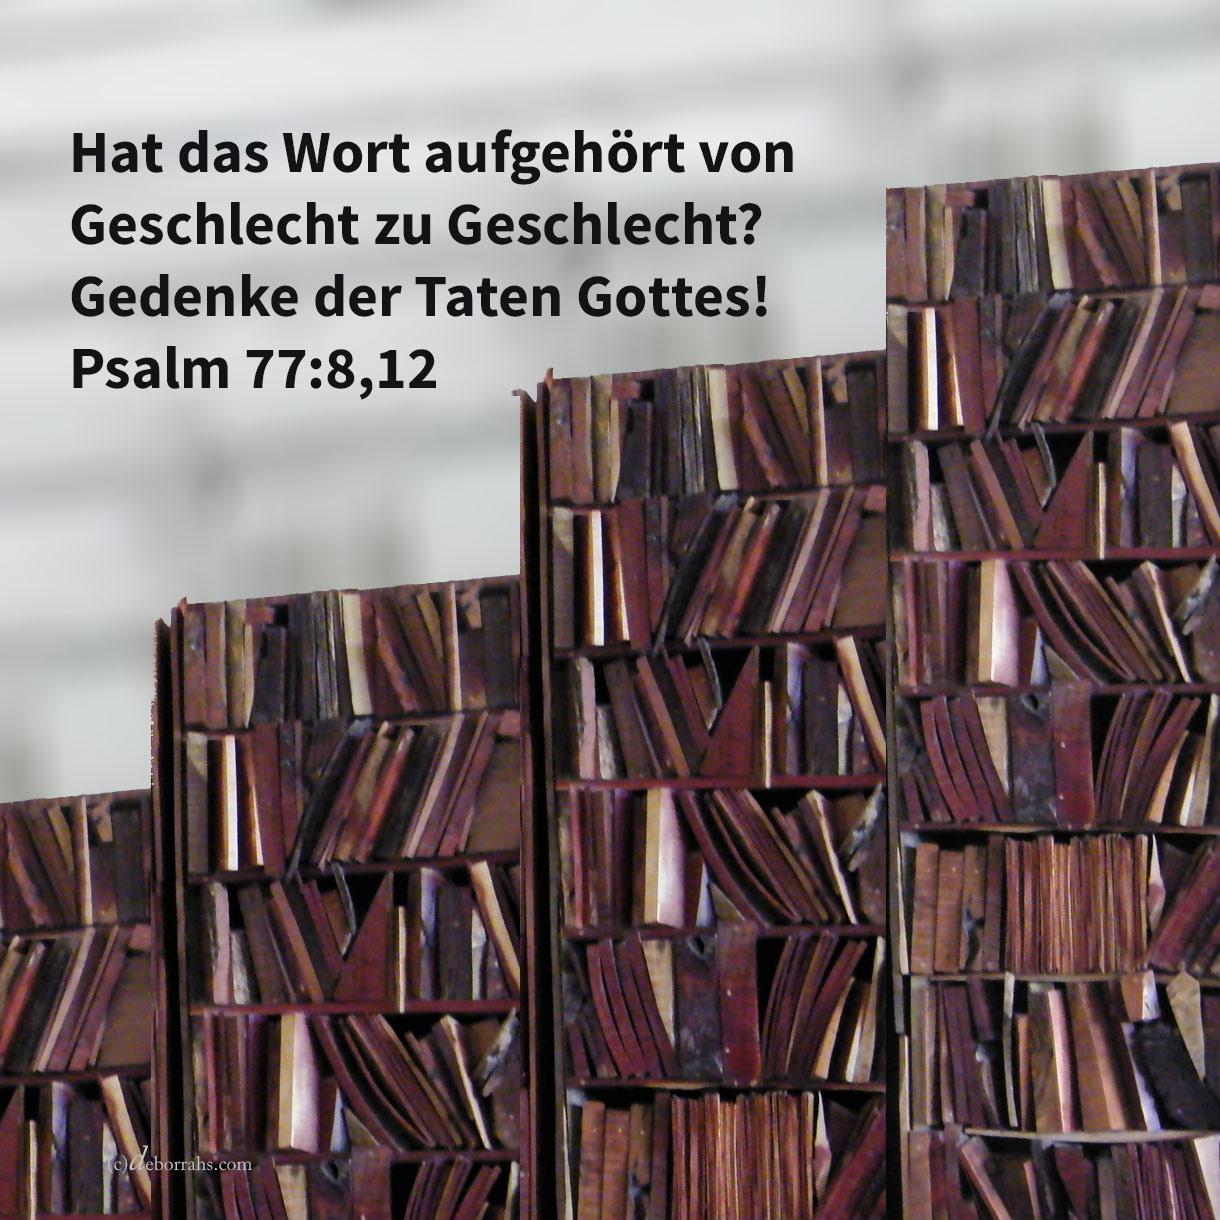 Schmiede nichts Böses wider deinen Nächsten, während er vertrauensvoll bei dir wohnt ( Sprüche 3,29 )